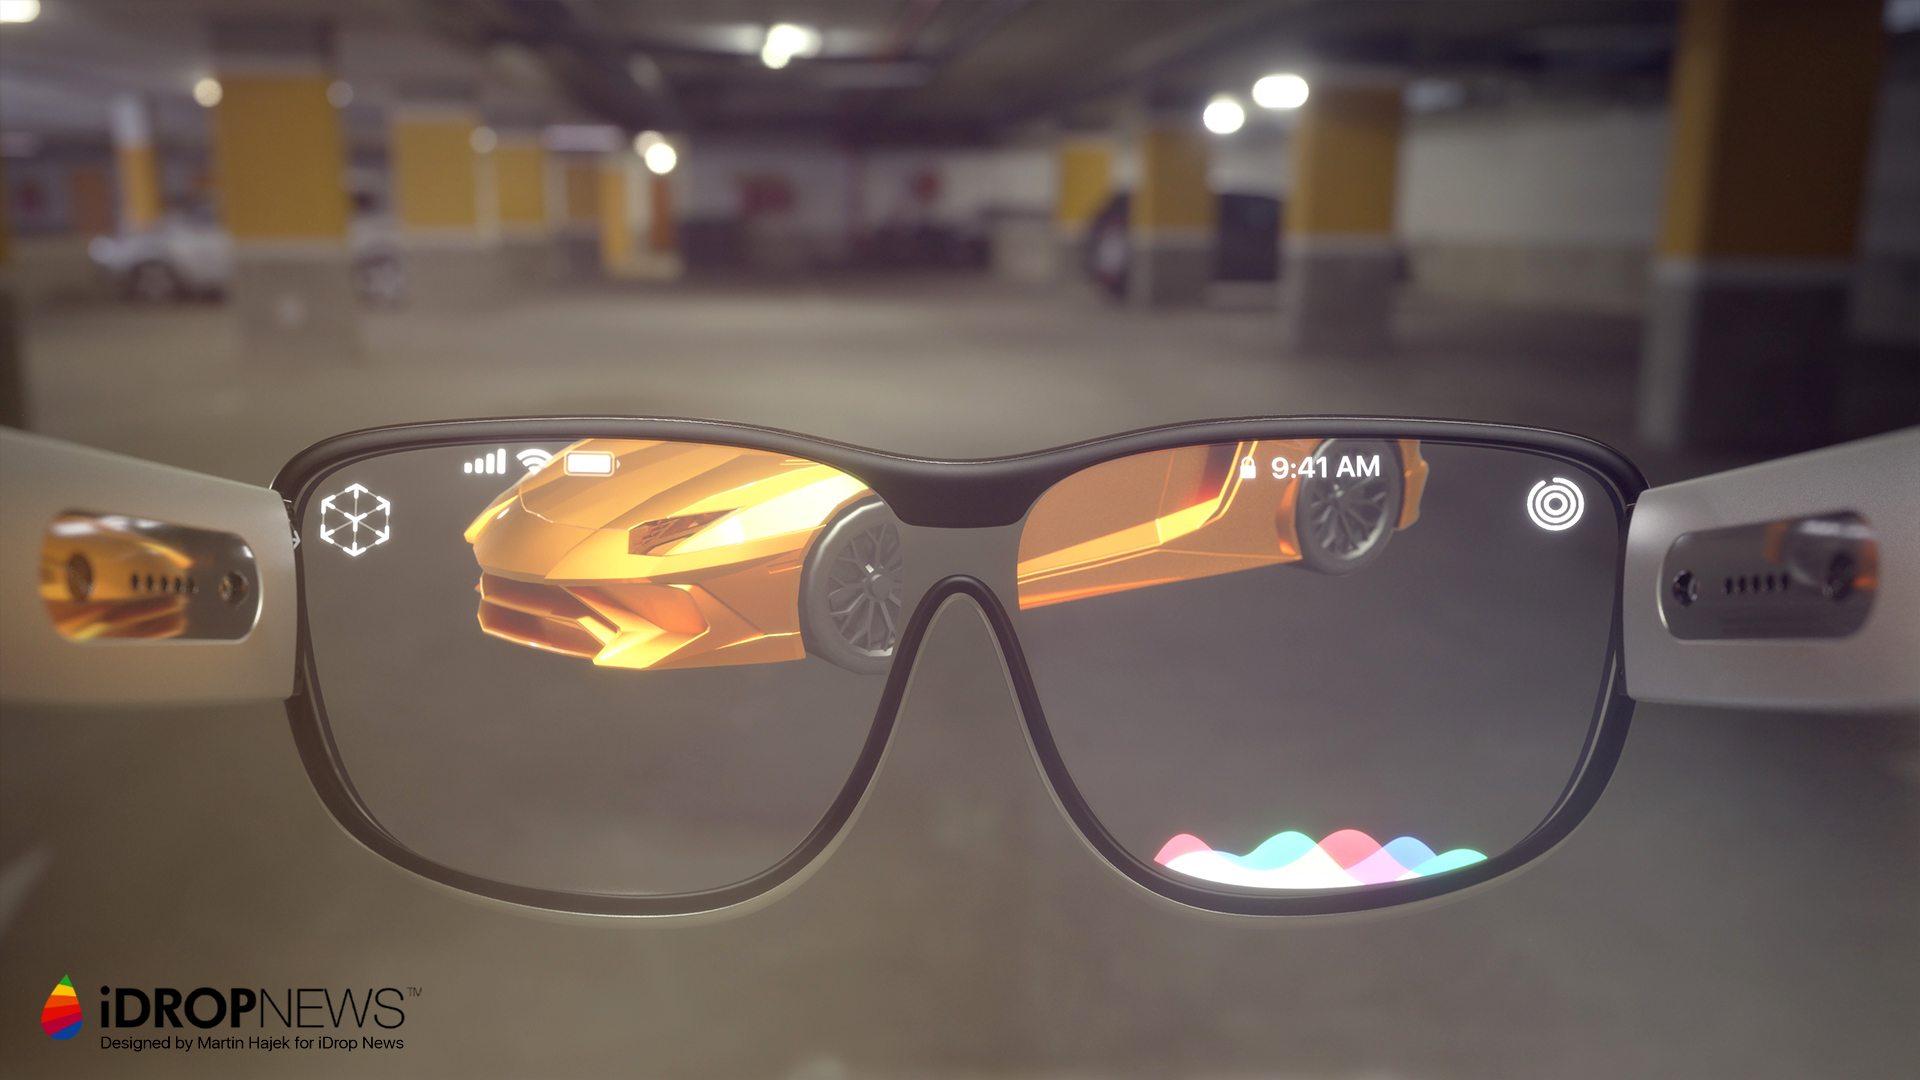 apple-glass-ar-glasses-idrop-news-x-martin-hajek-8